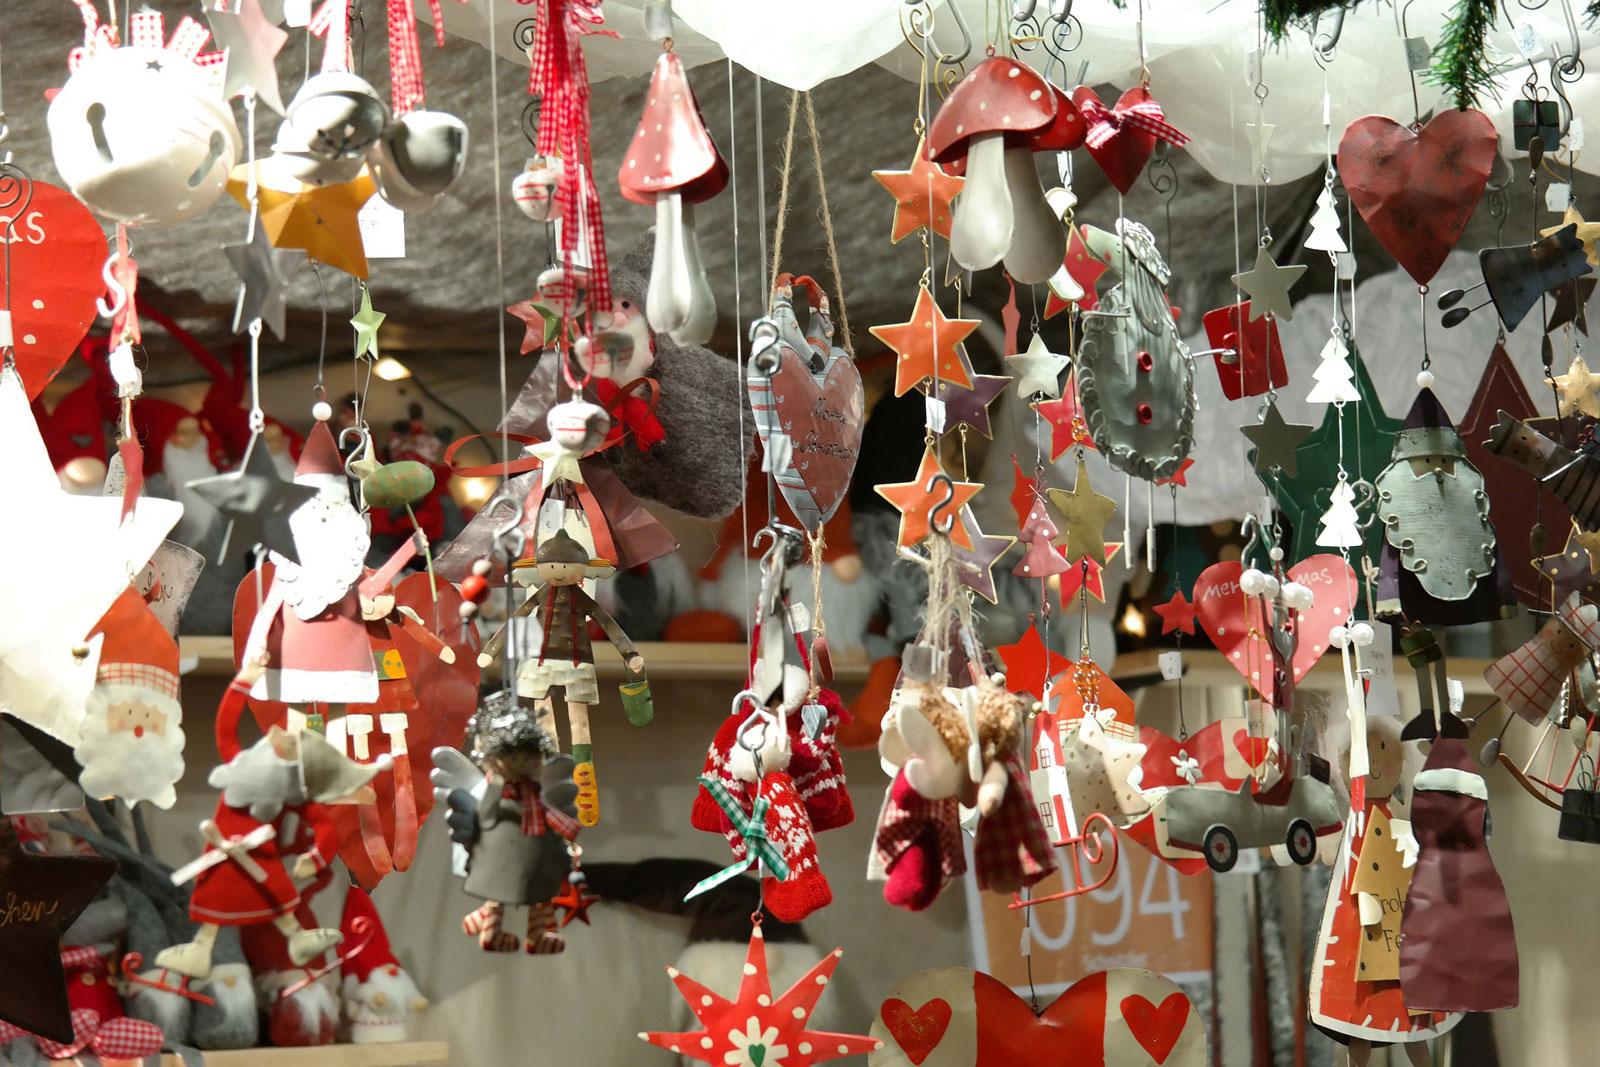 Festival Winterlights 2017 à Luxembourg : marchés de Noël, concerts et animations… tout le programme